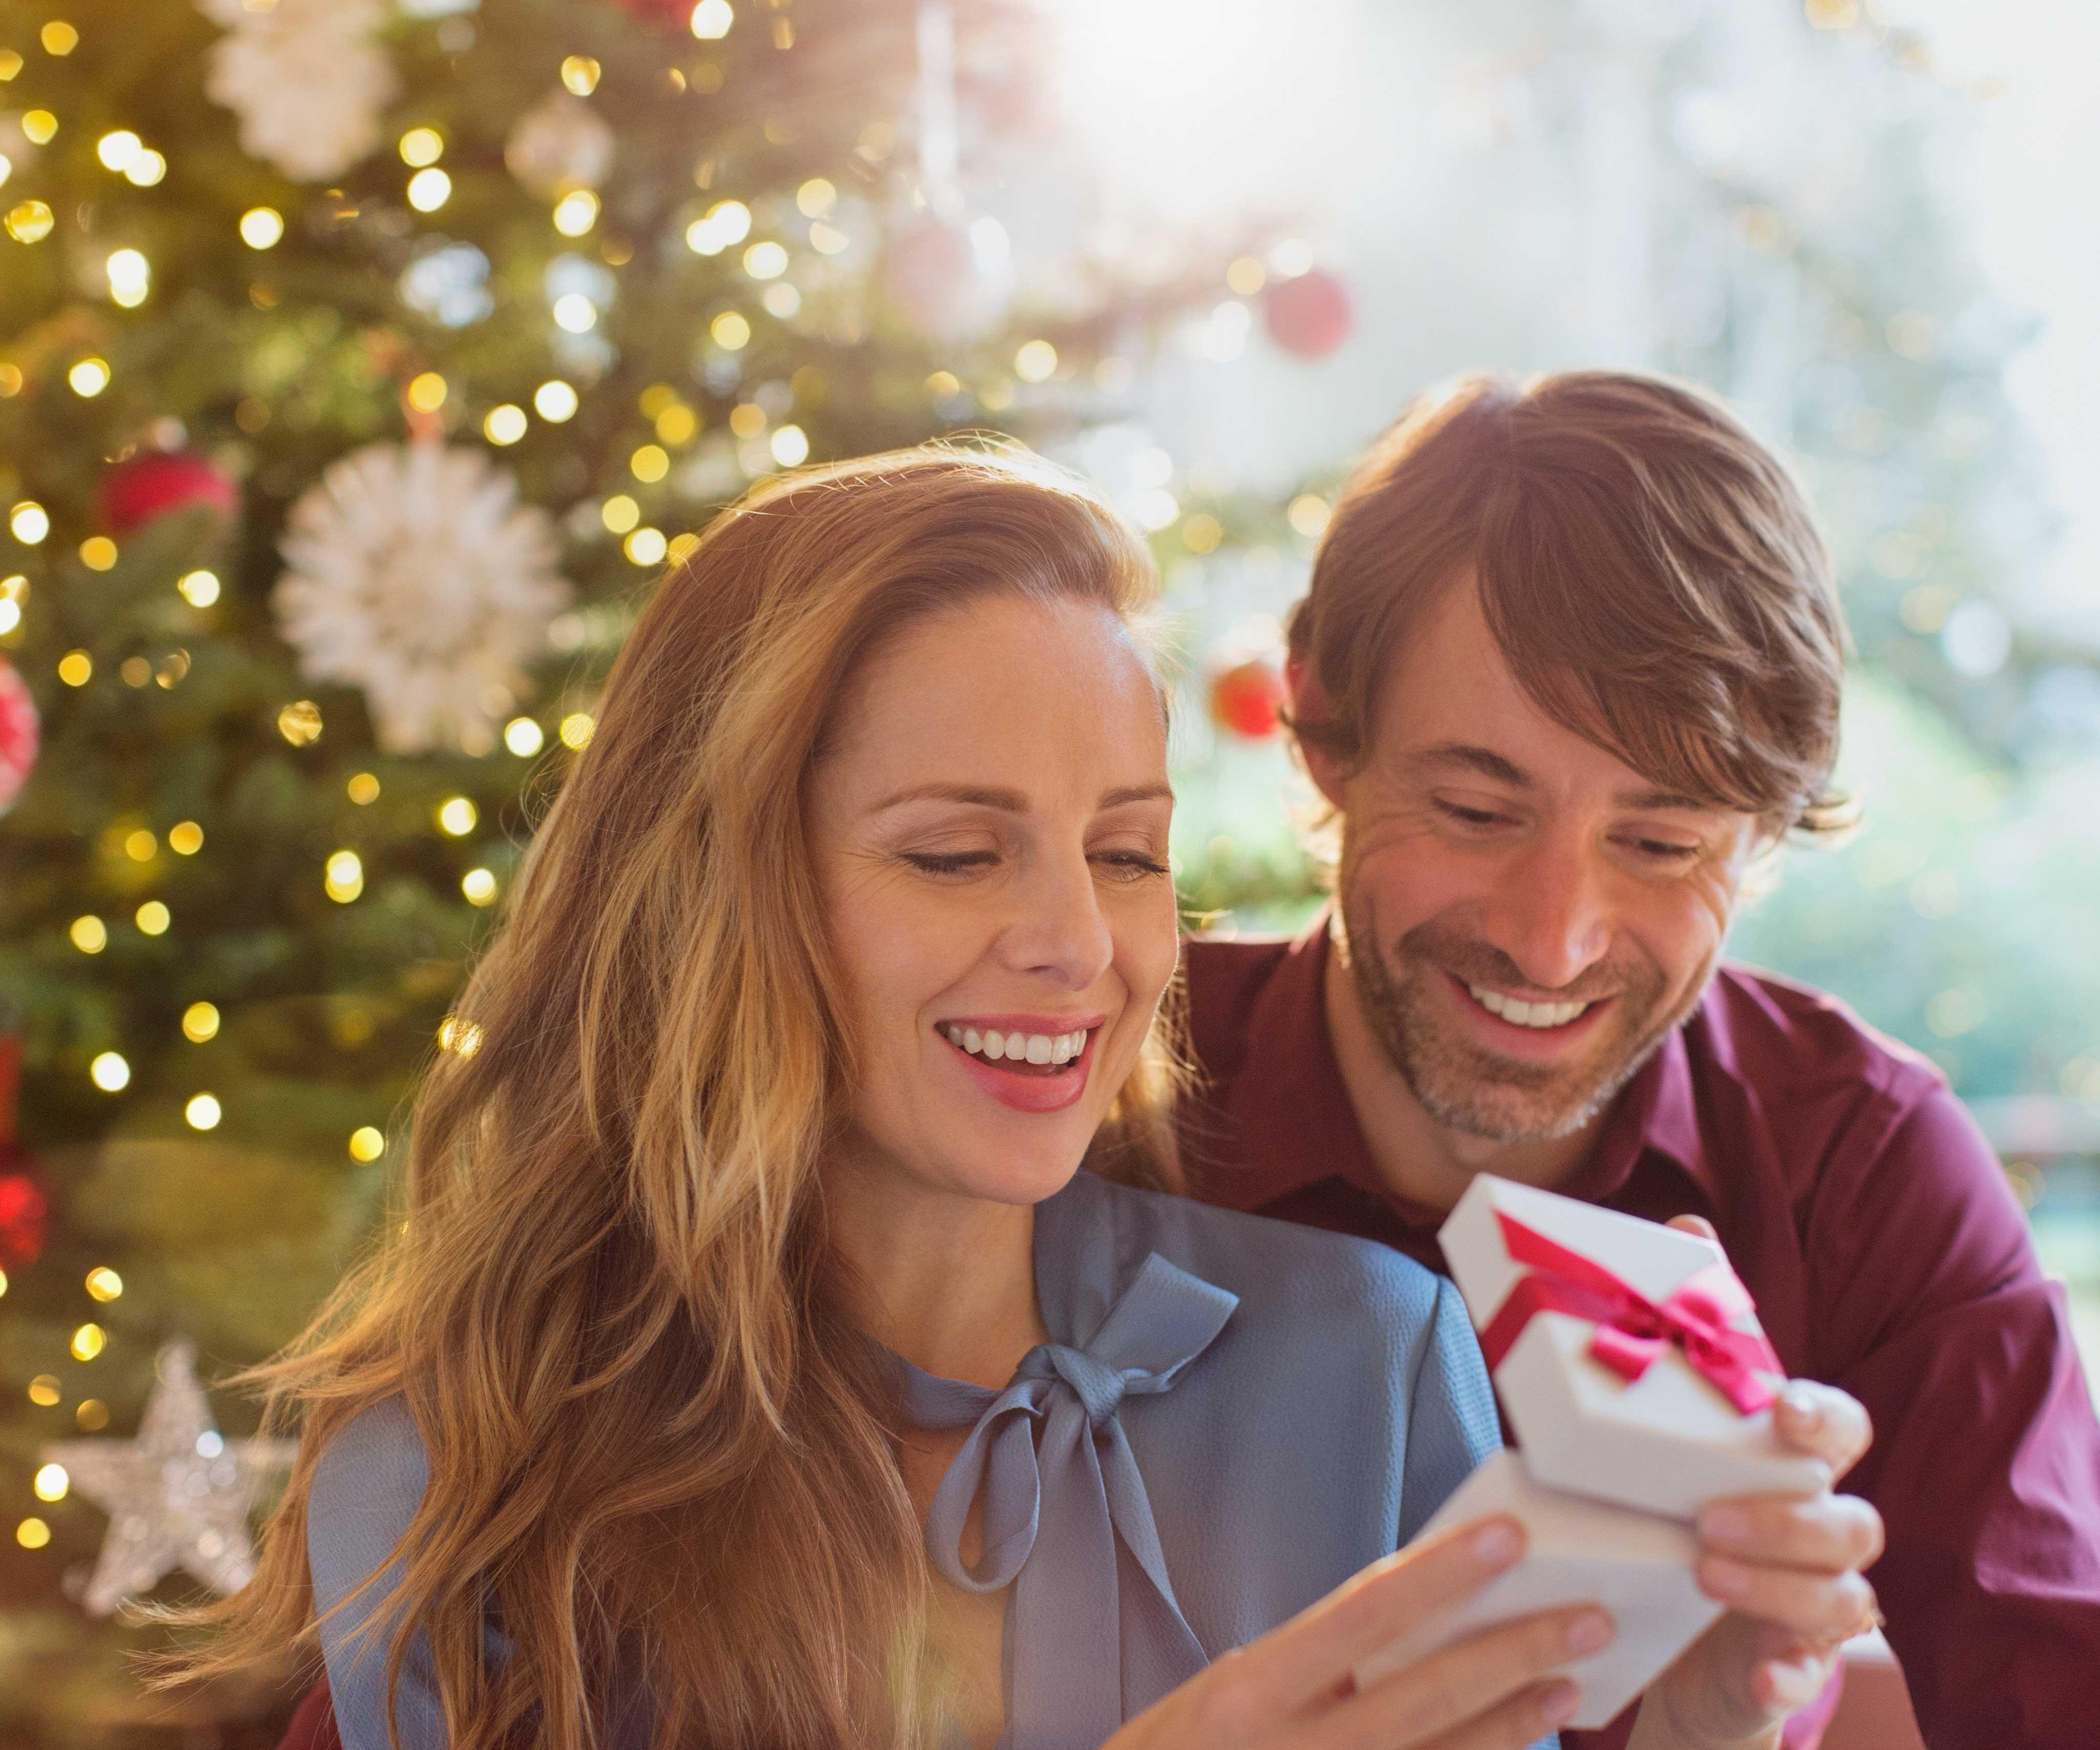 Geschenkideen Für Teenager  Geschenkideen für Teenager und Erwachsene